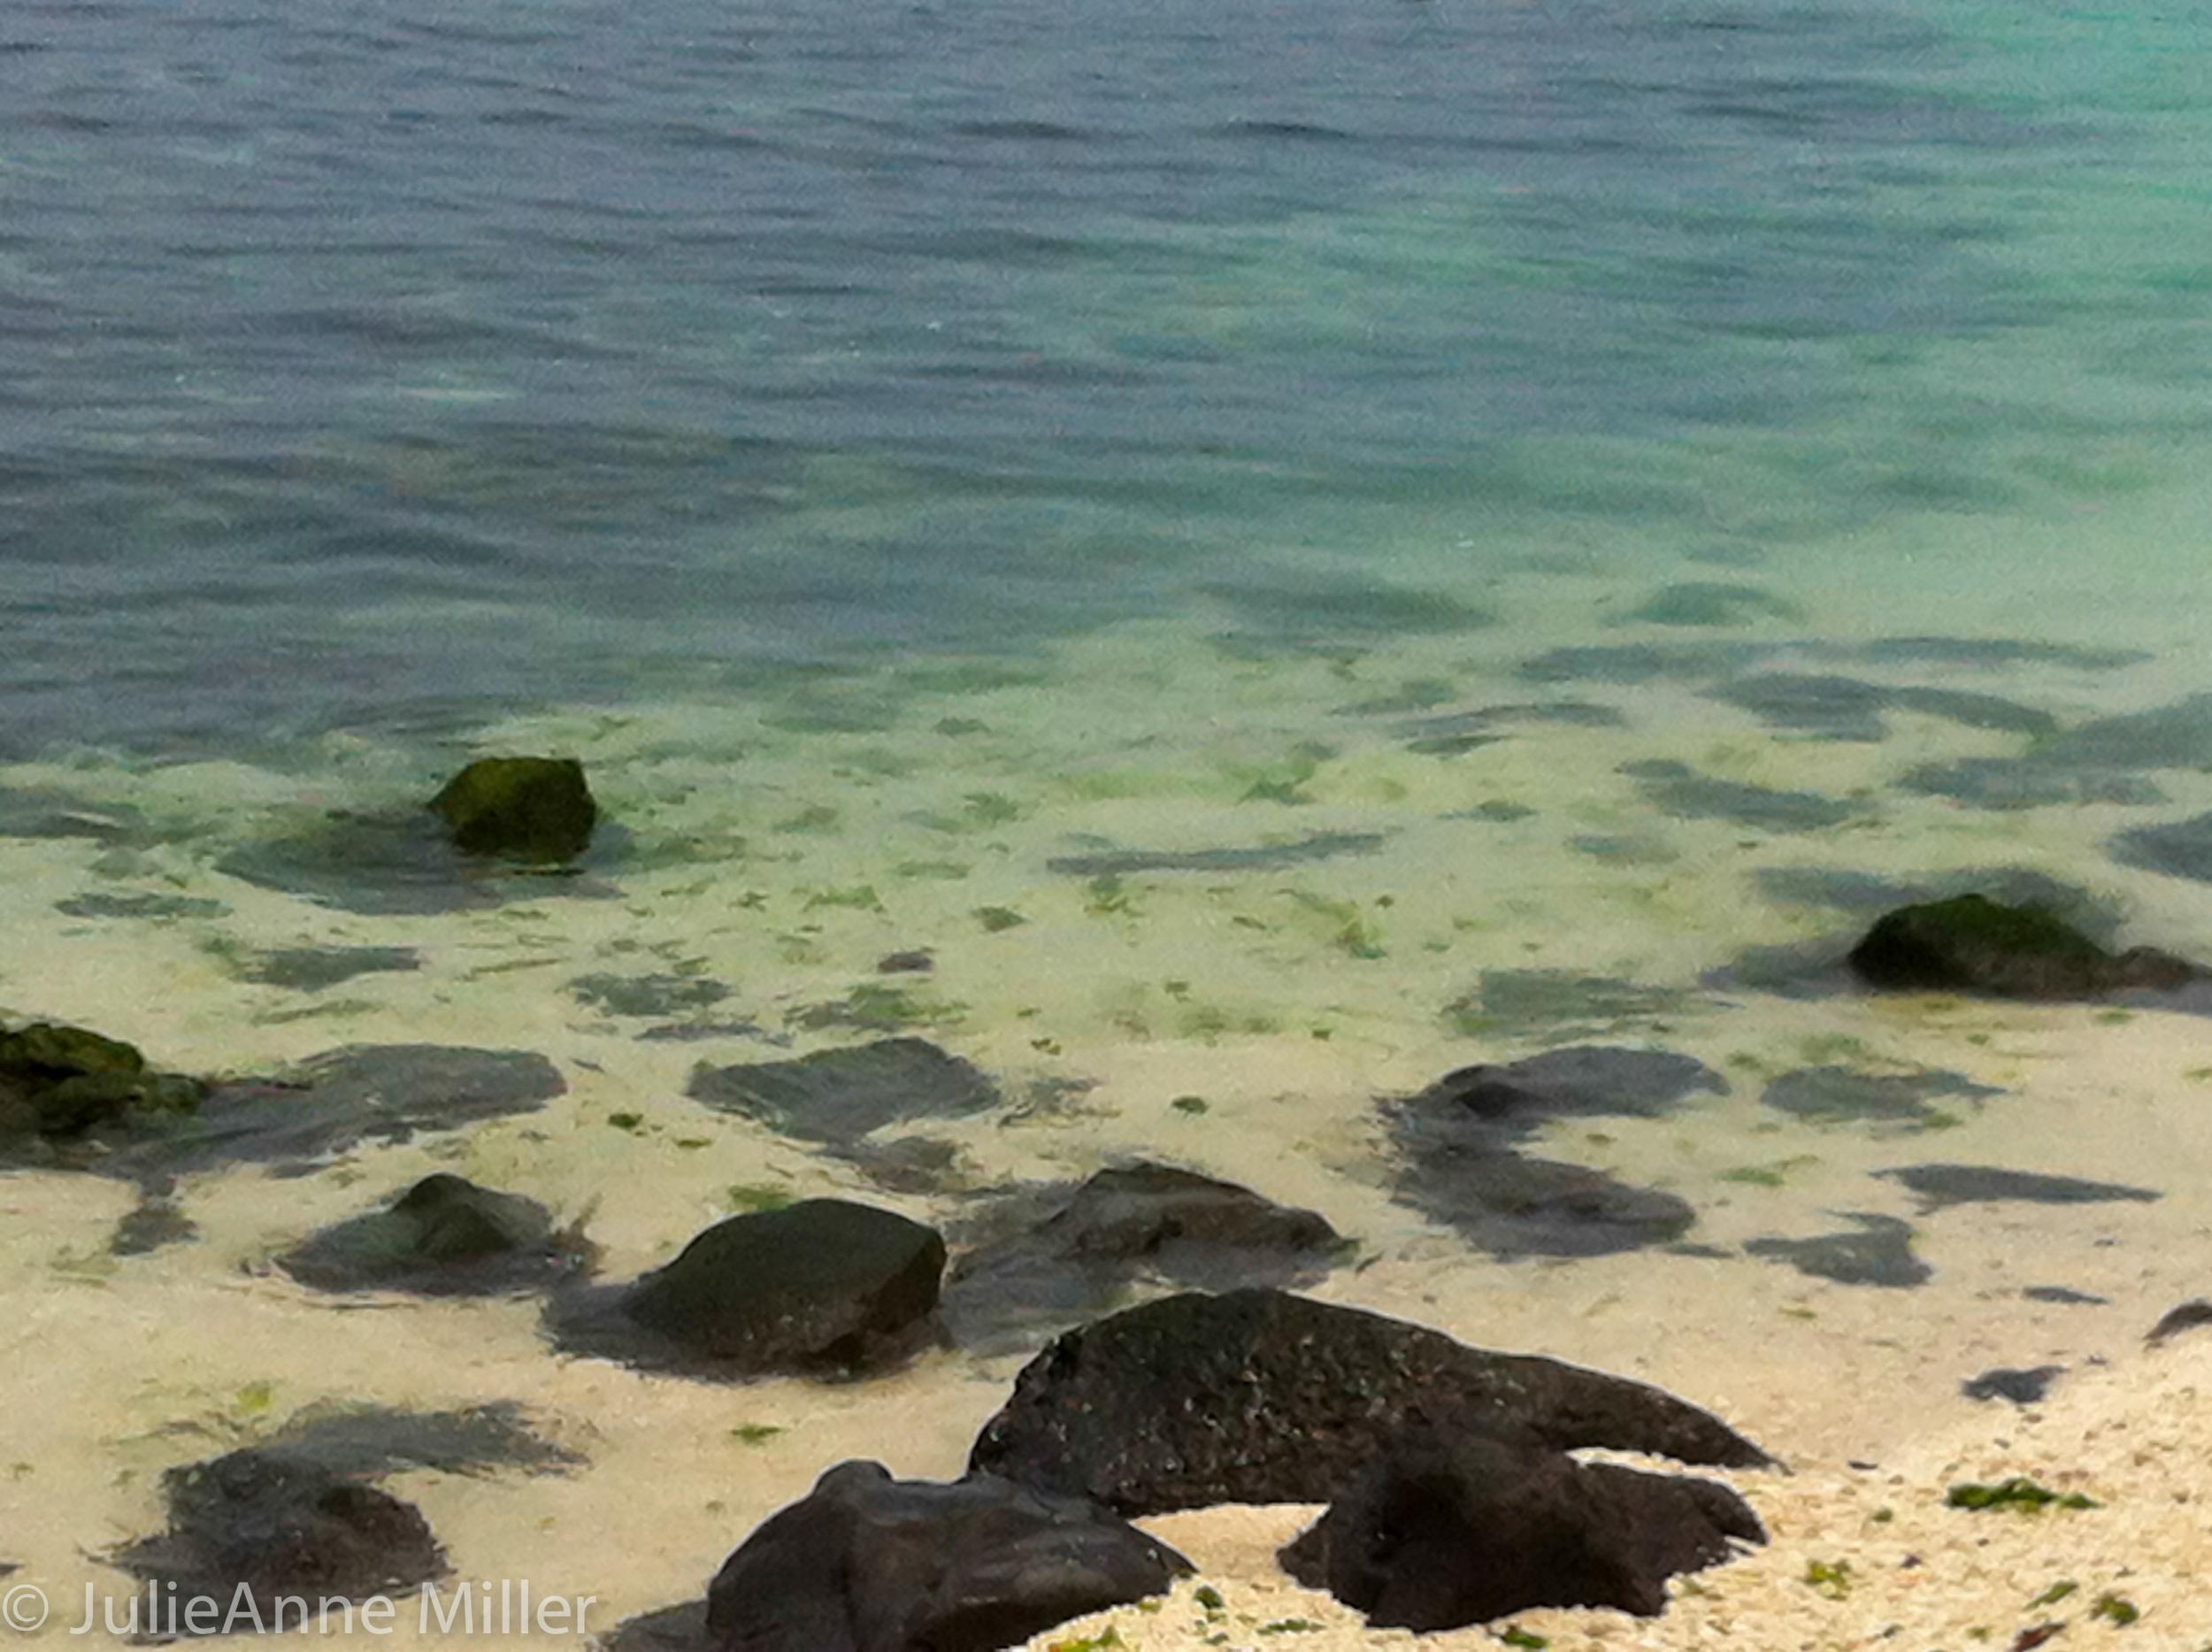 Udo sea